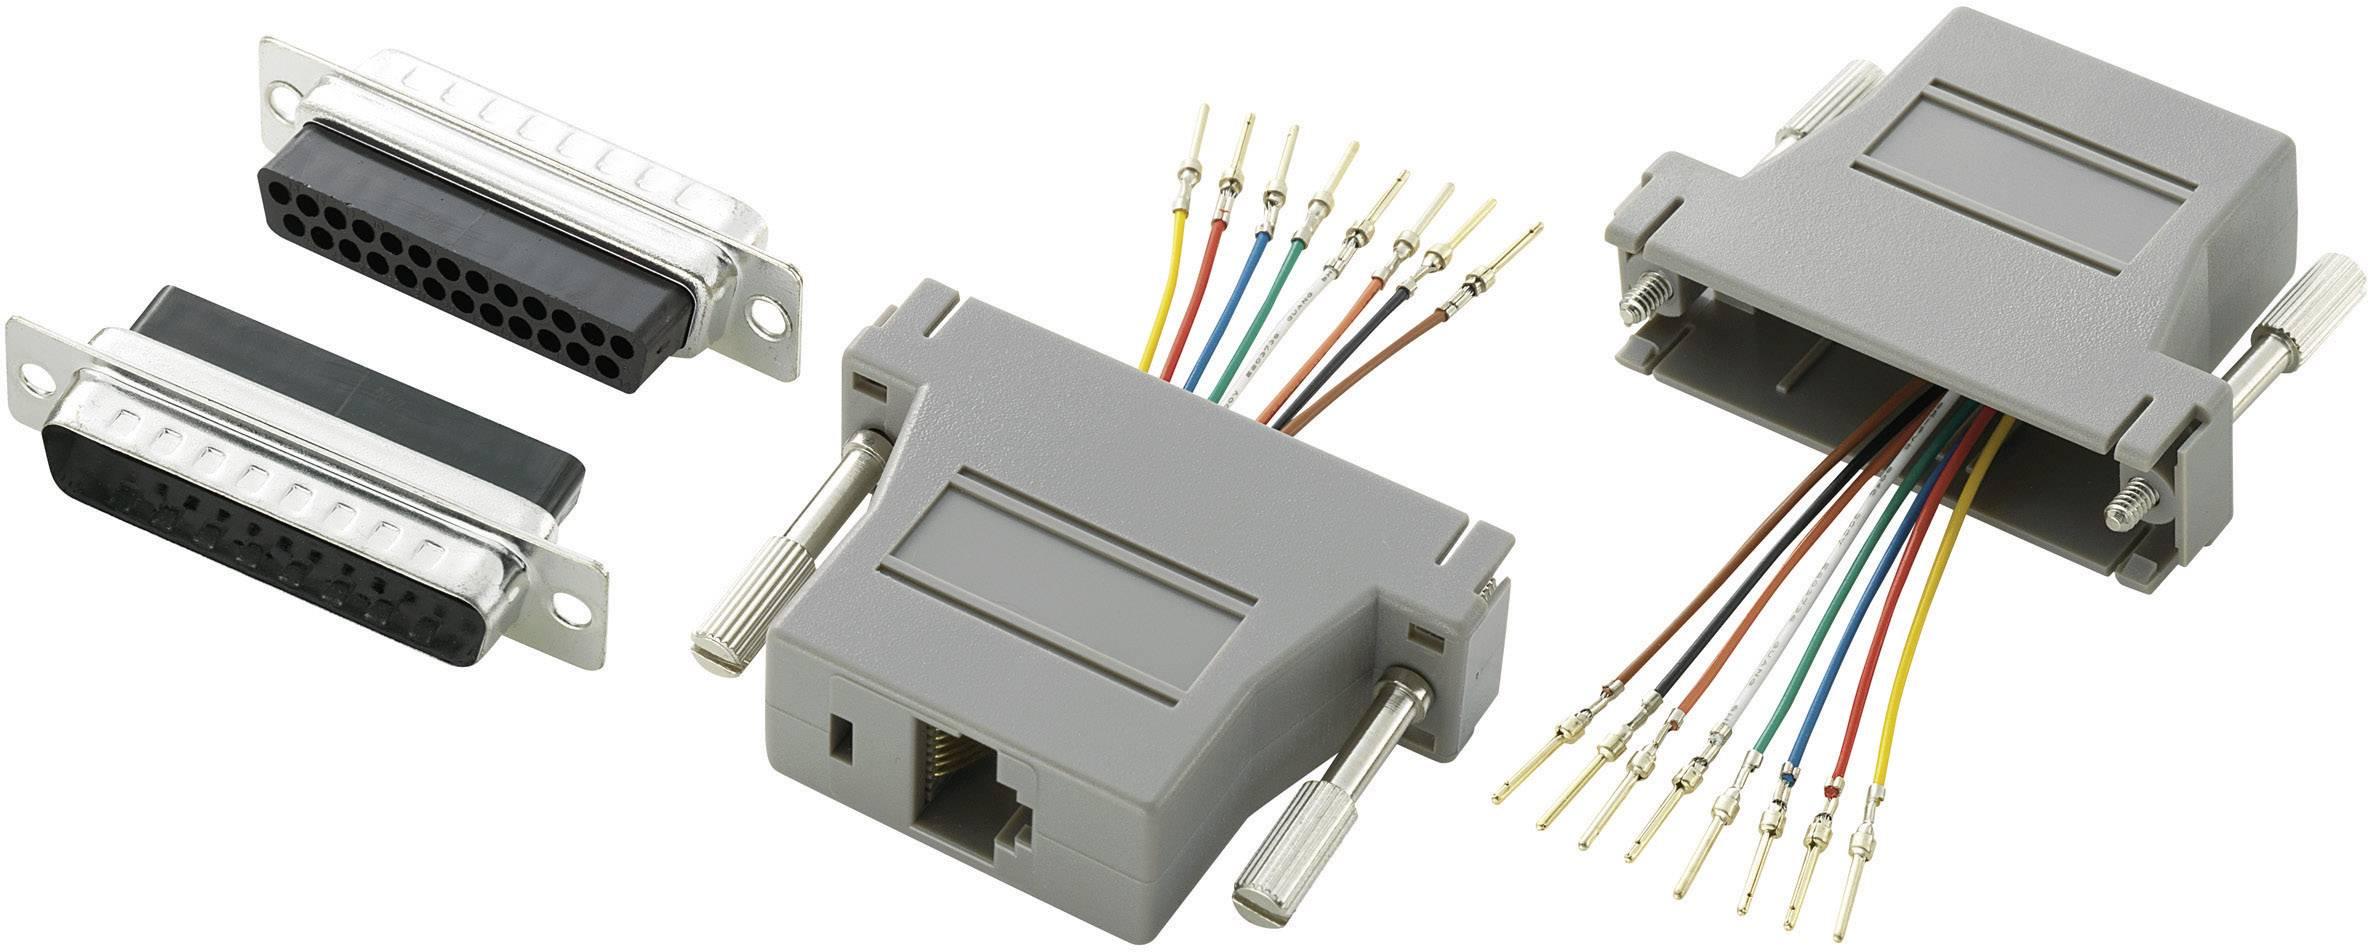 D-SUB adaptér TRU COMPONENTS 407783 D-SUB zástrčka 25-pólová - RJ45 zásvuka, 1 ks